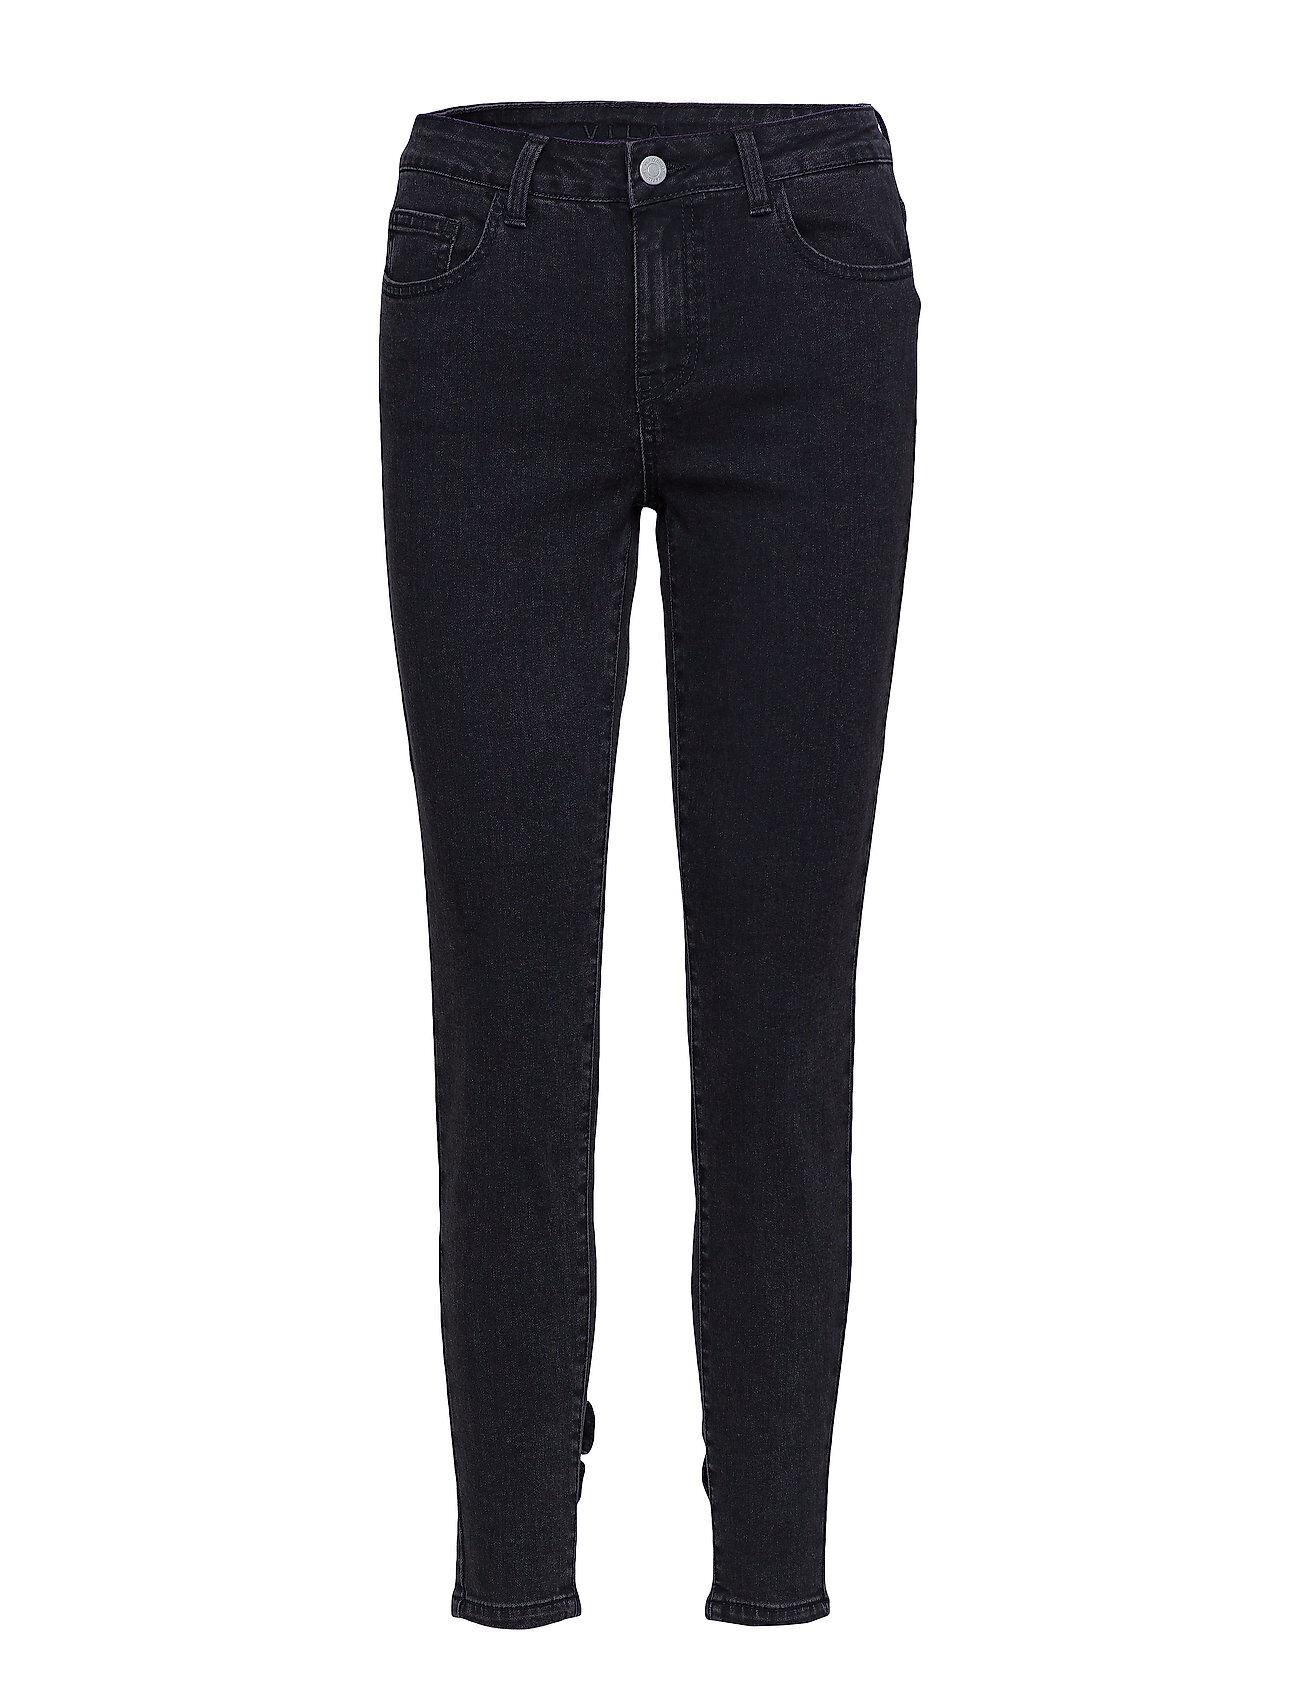 Vila Vicommit Destina 7/8 Skinny Jeans